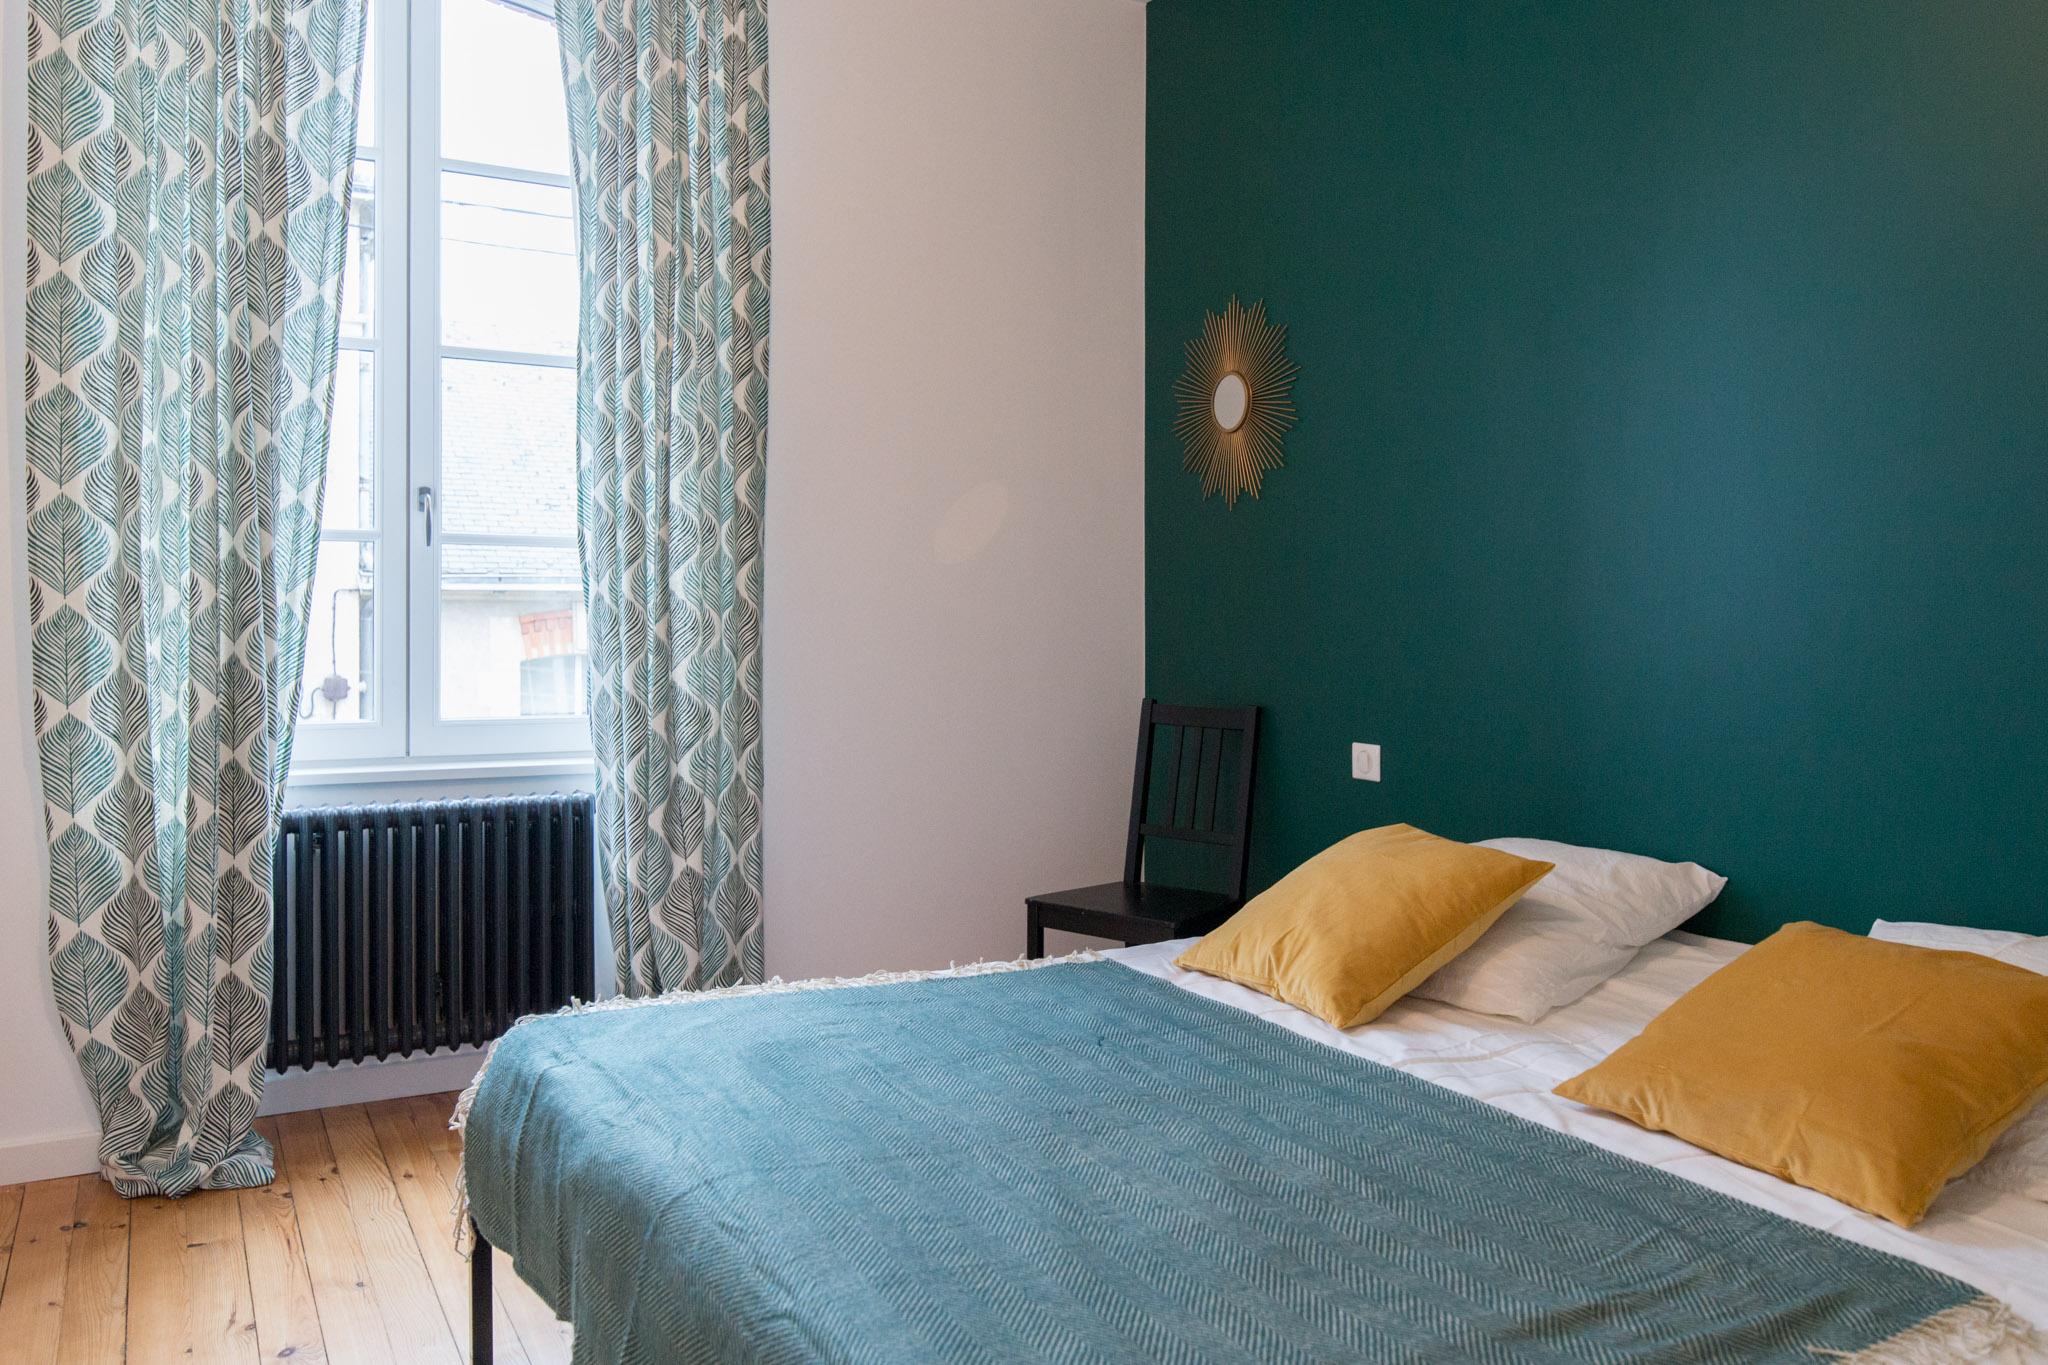 renovation-amenagement-decoration-ameublement-agencement-maison